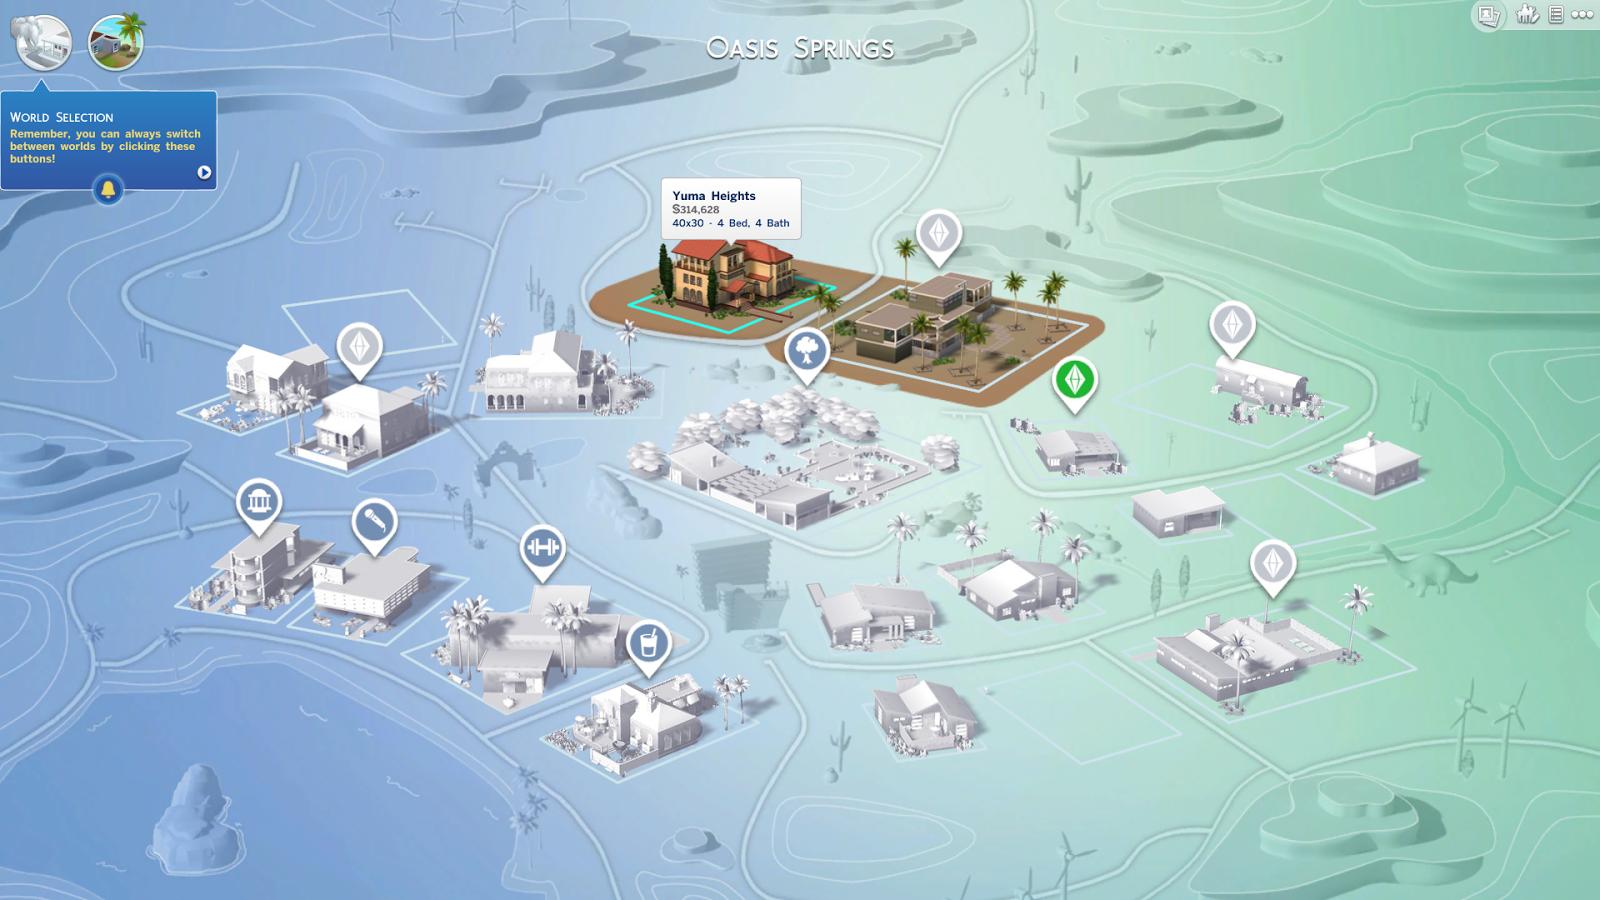 Mapa de Barrio, Edificios Decorativos y Los Mundos de Los Sims 4 14656082837_0bf88d1134_o